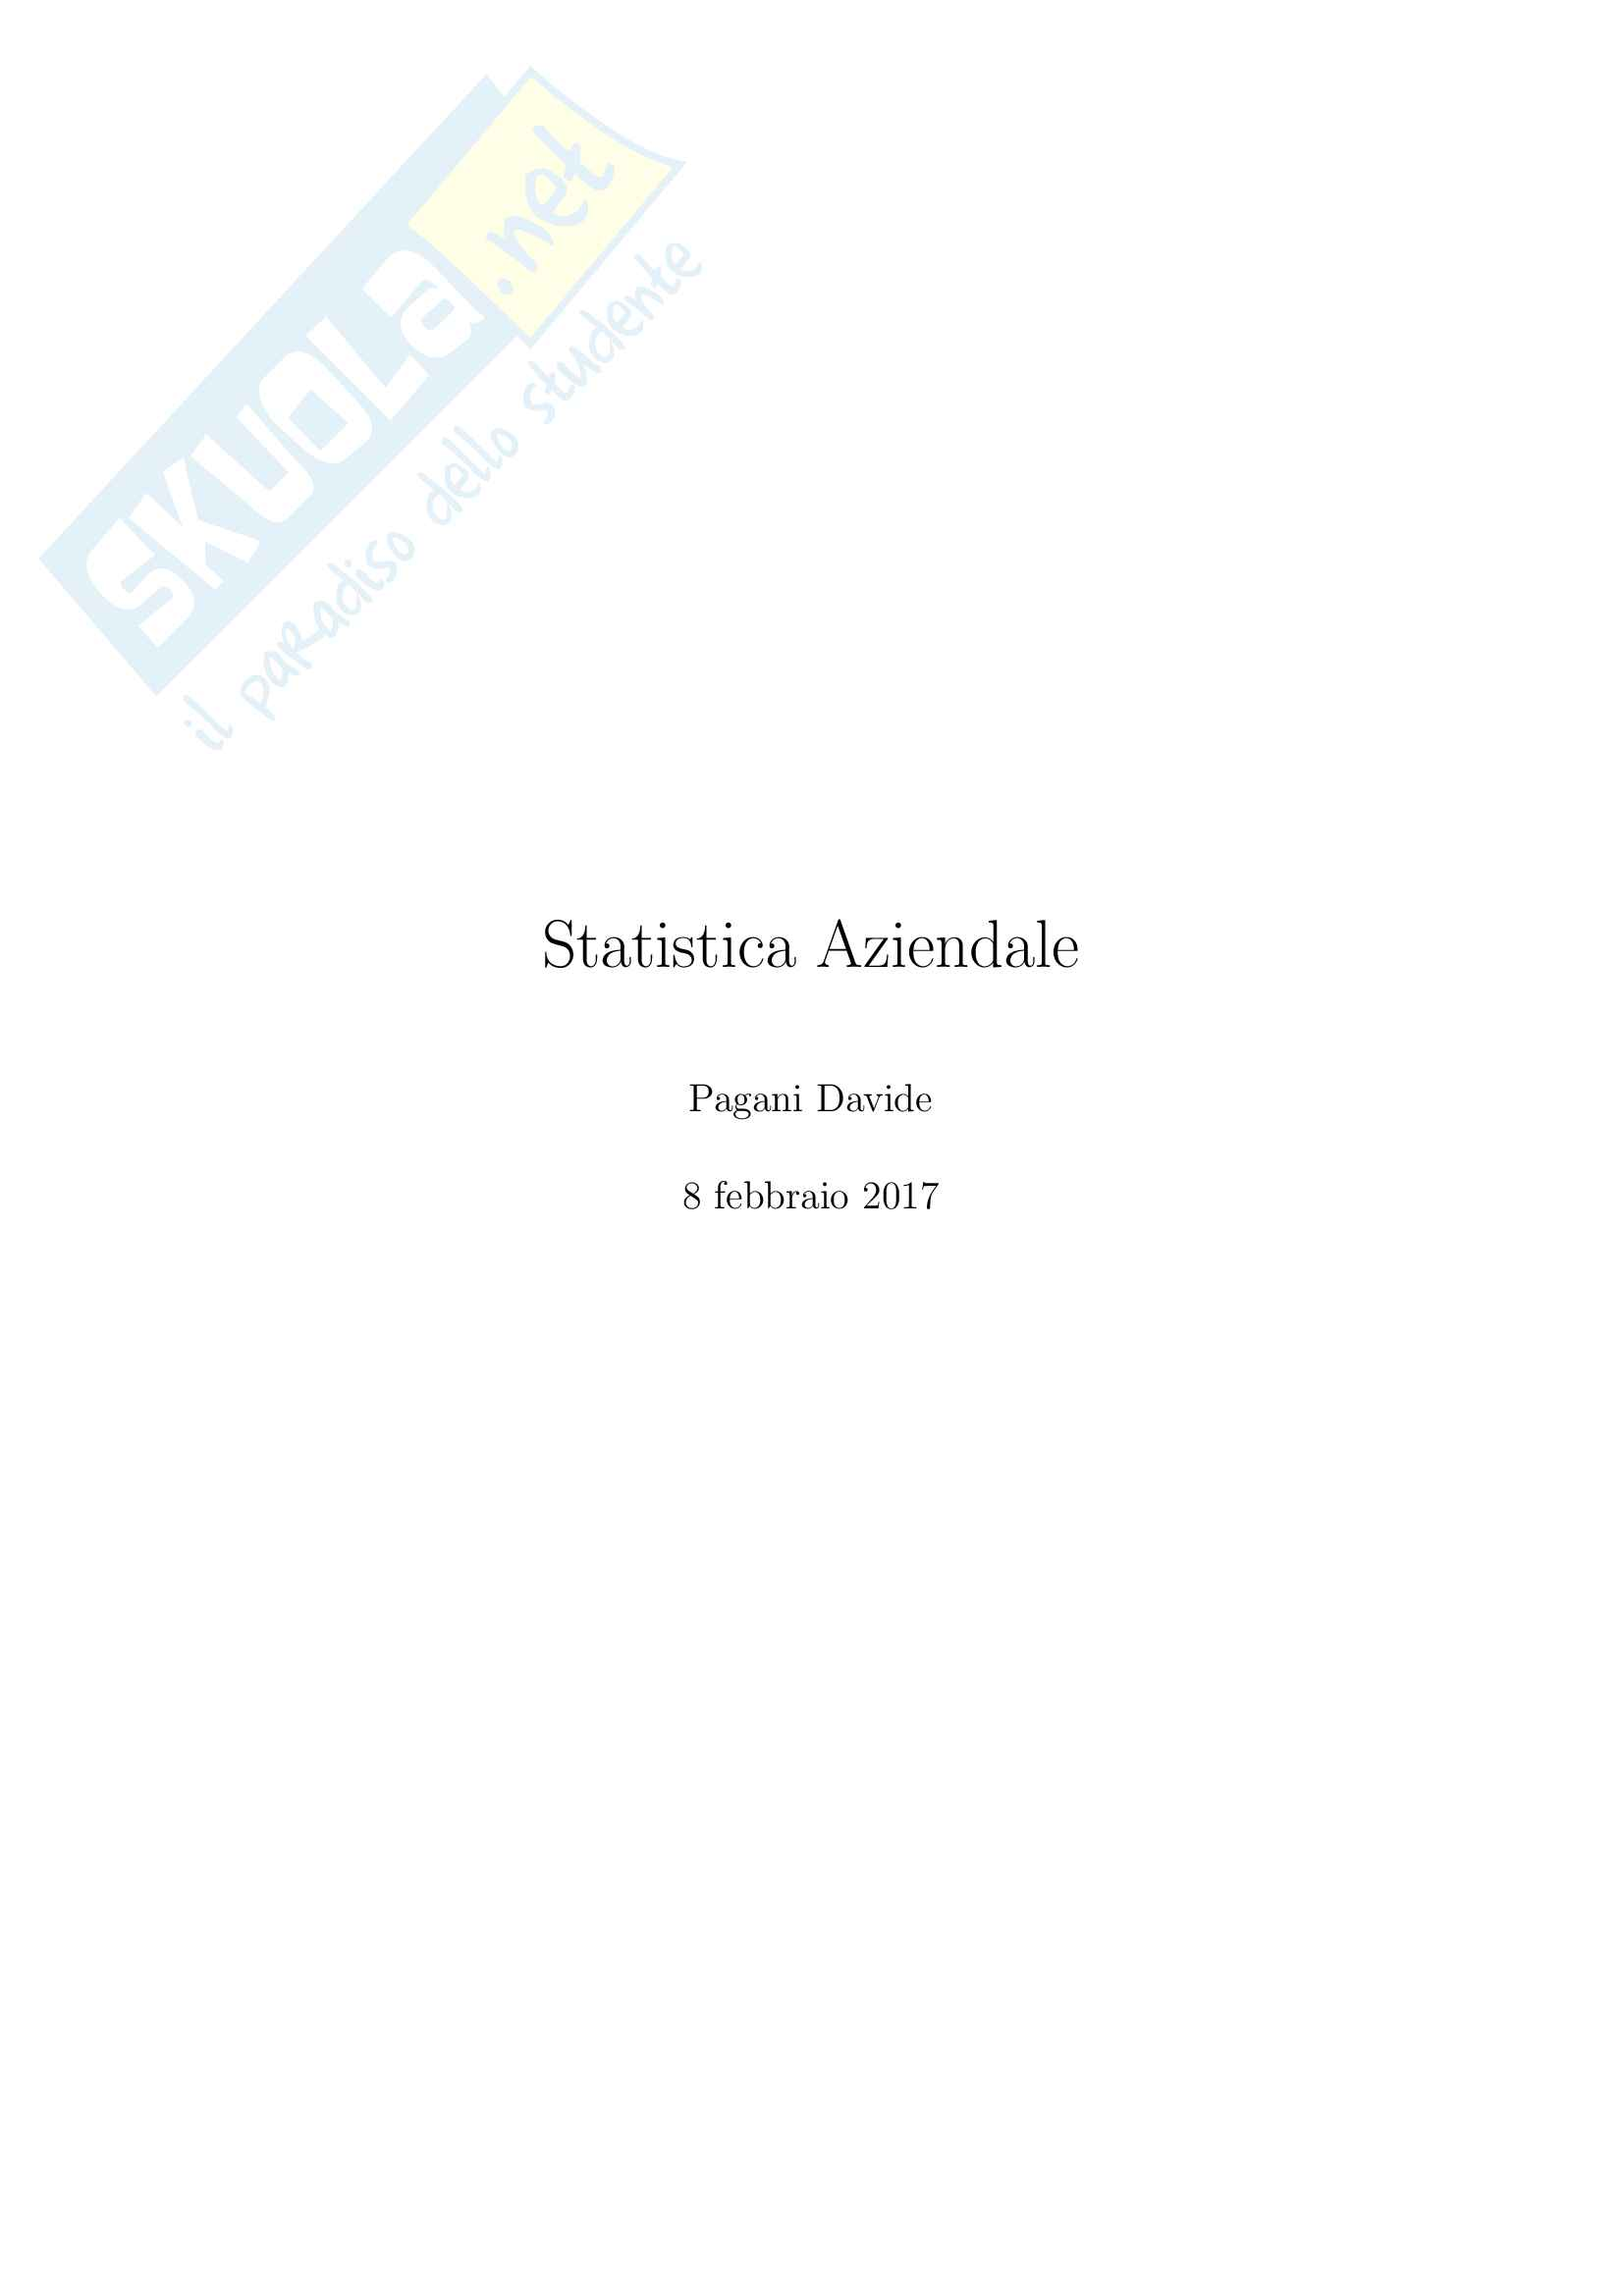 Statistica Aziendale M